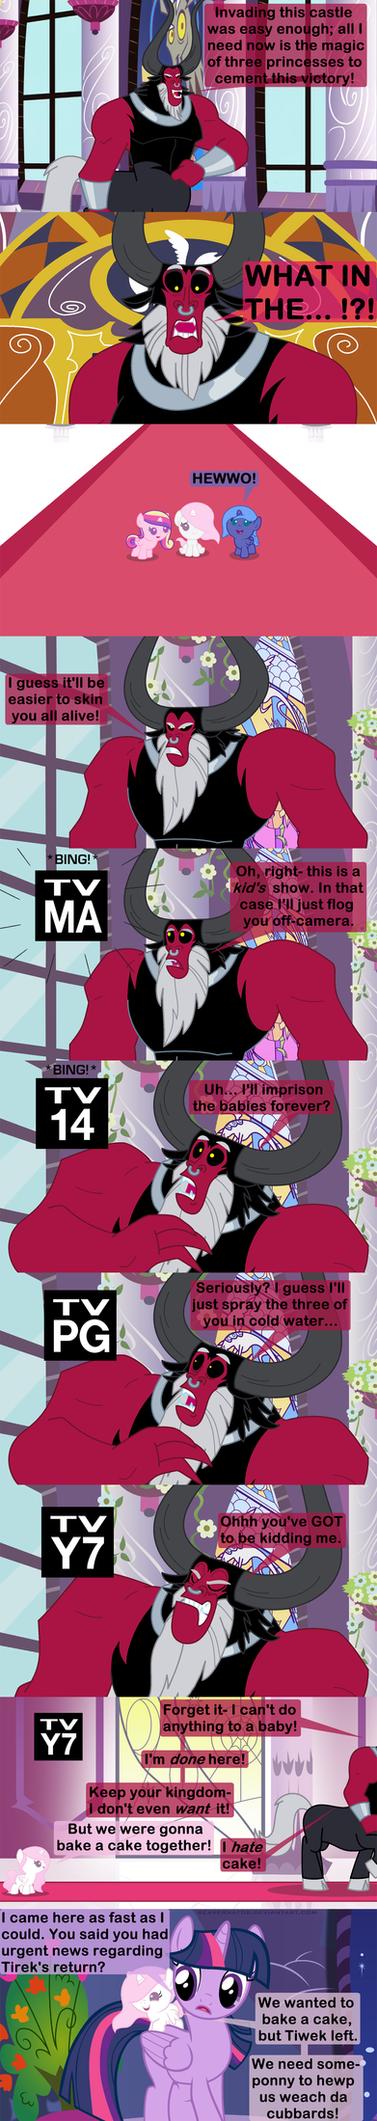 Season 4 Finale Alternate Ending by Beavernator